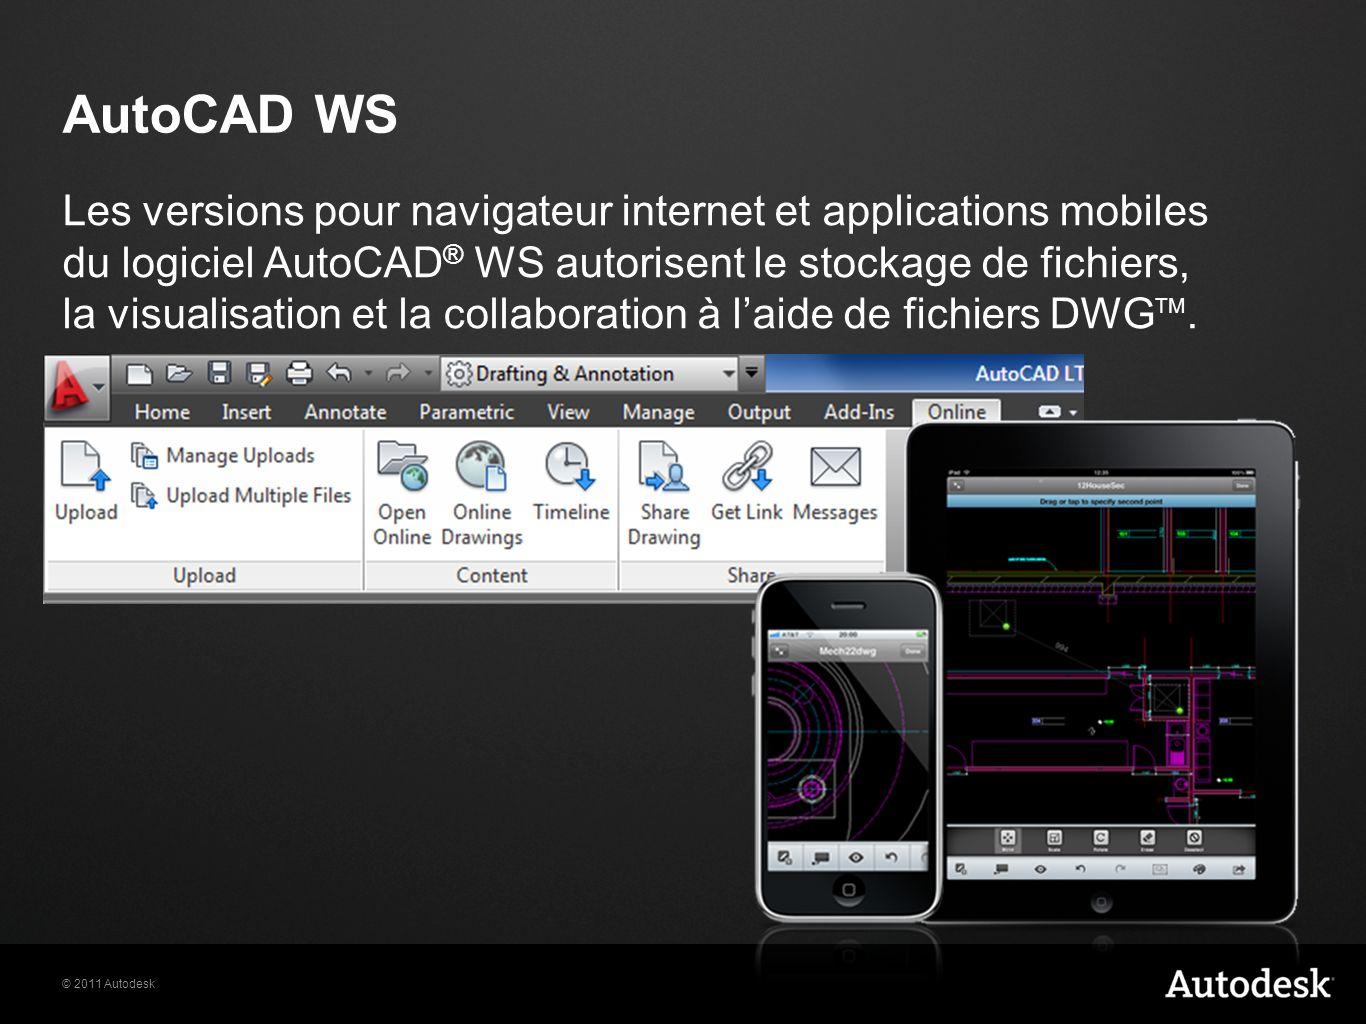 © 2011 Autodesk AutoCAD WS Les versions pour navigateur internet et applications mobiles du logiciel AutoCAD ® WS autorisent le stockage de fichiers,